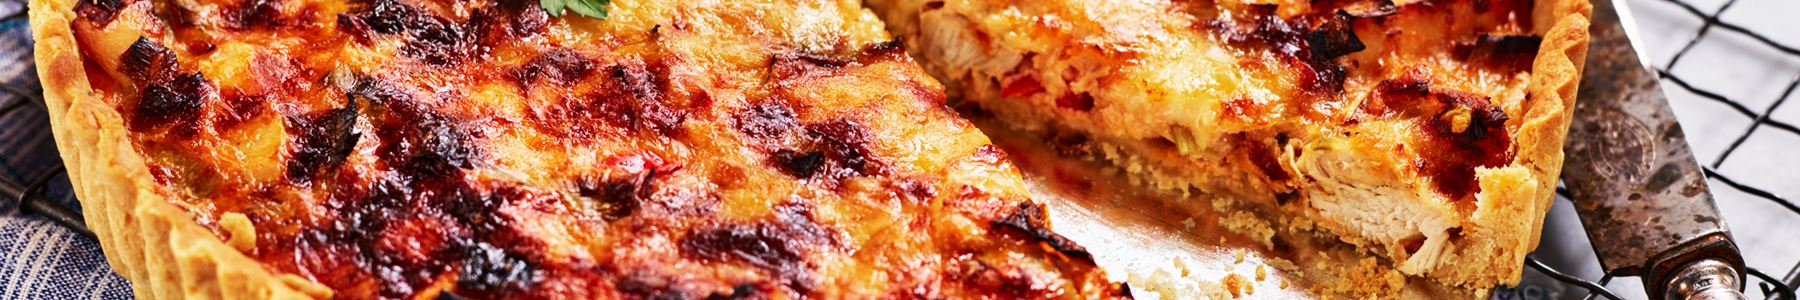 Huvudrätter med stekt kyckling